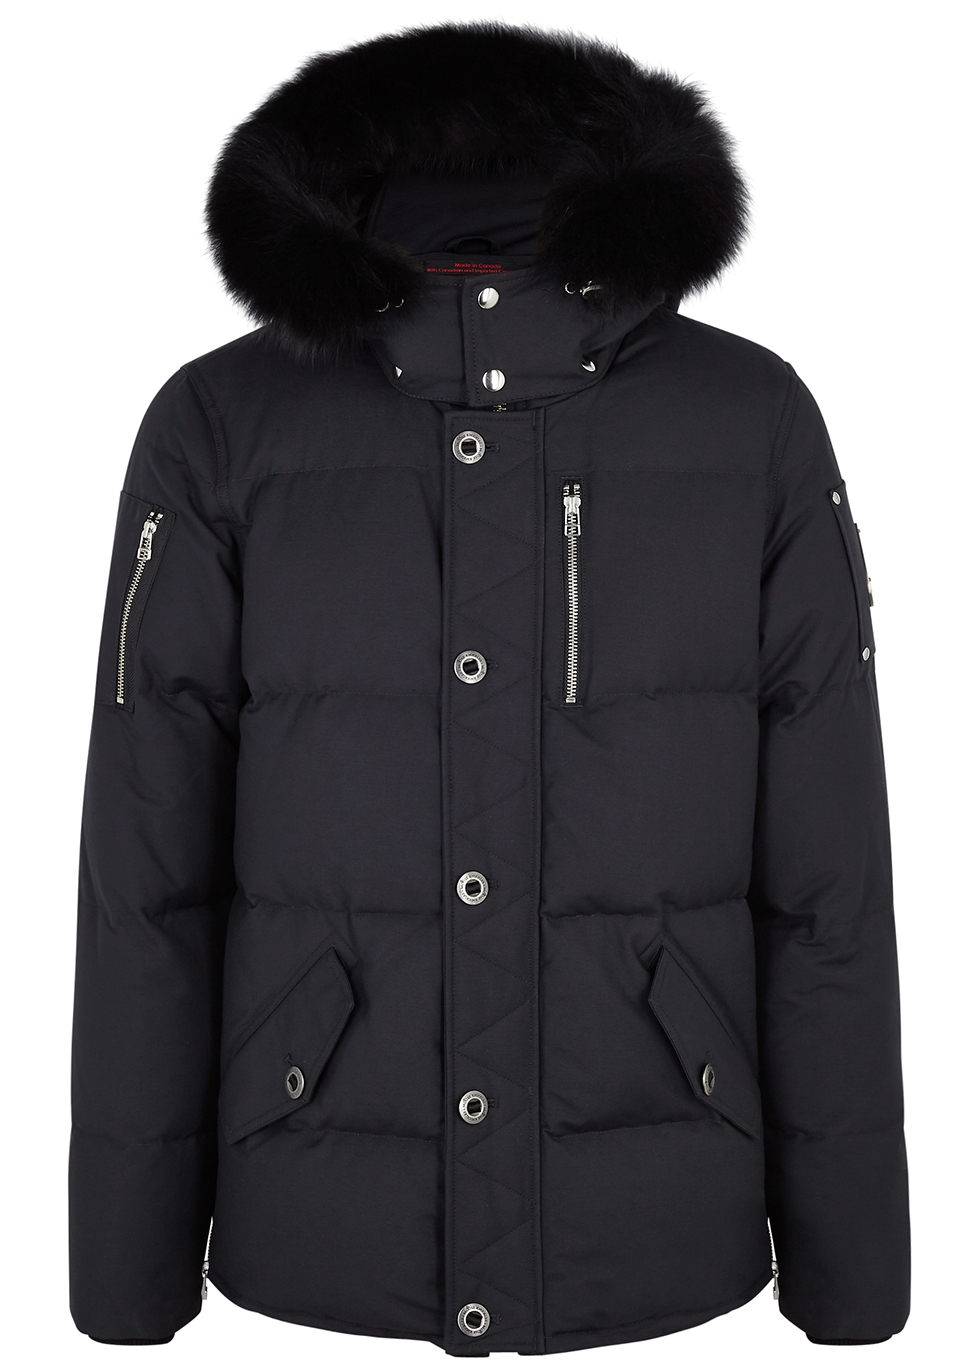 3Q navy fur-trimmed cotton-blend coat